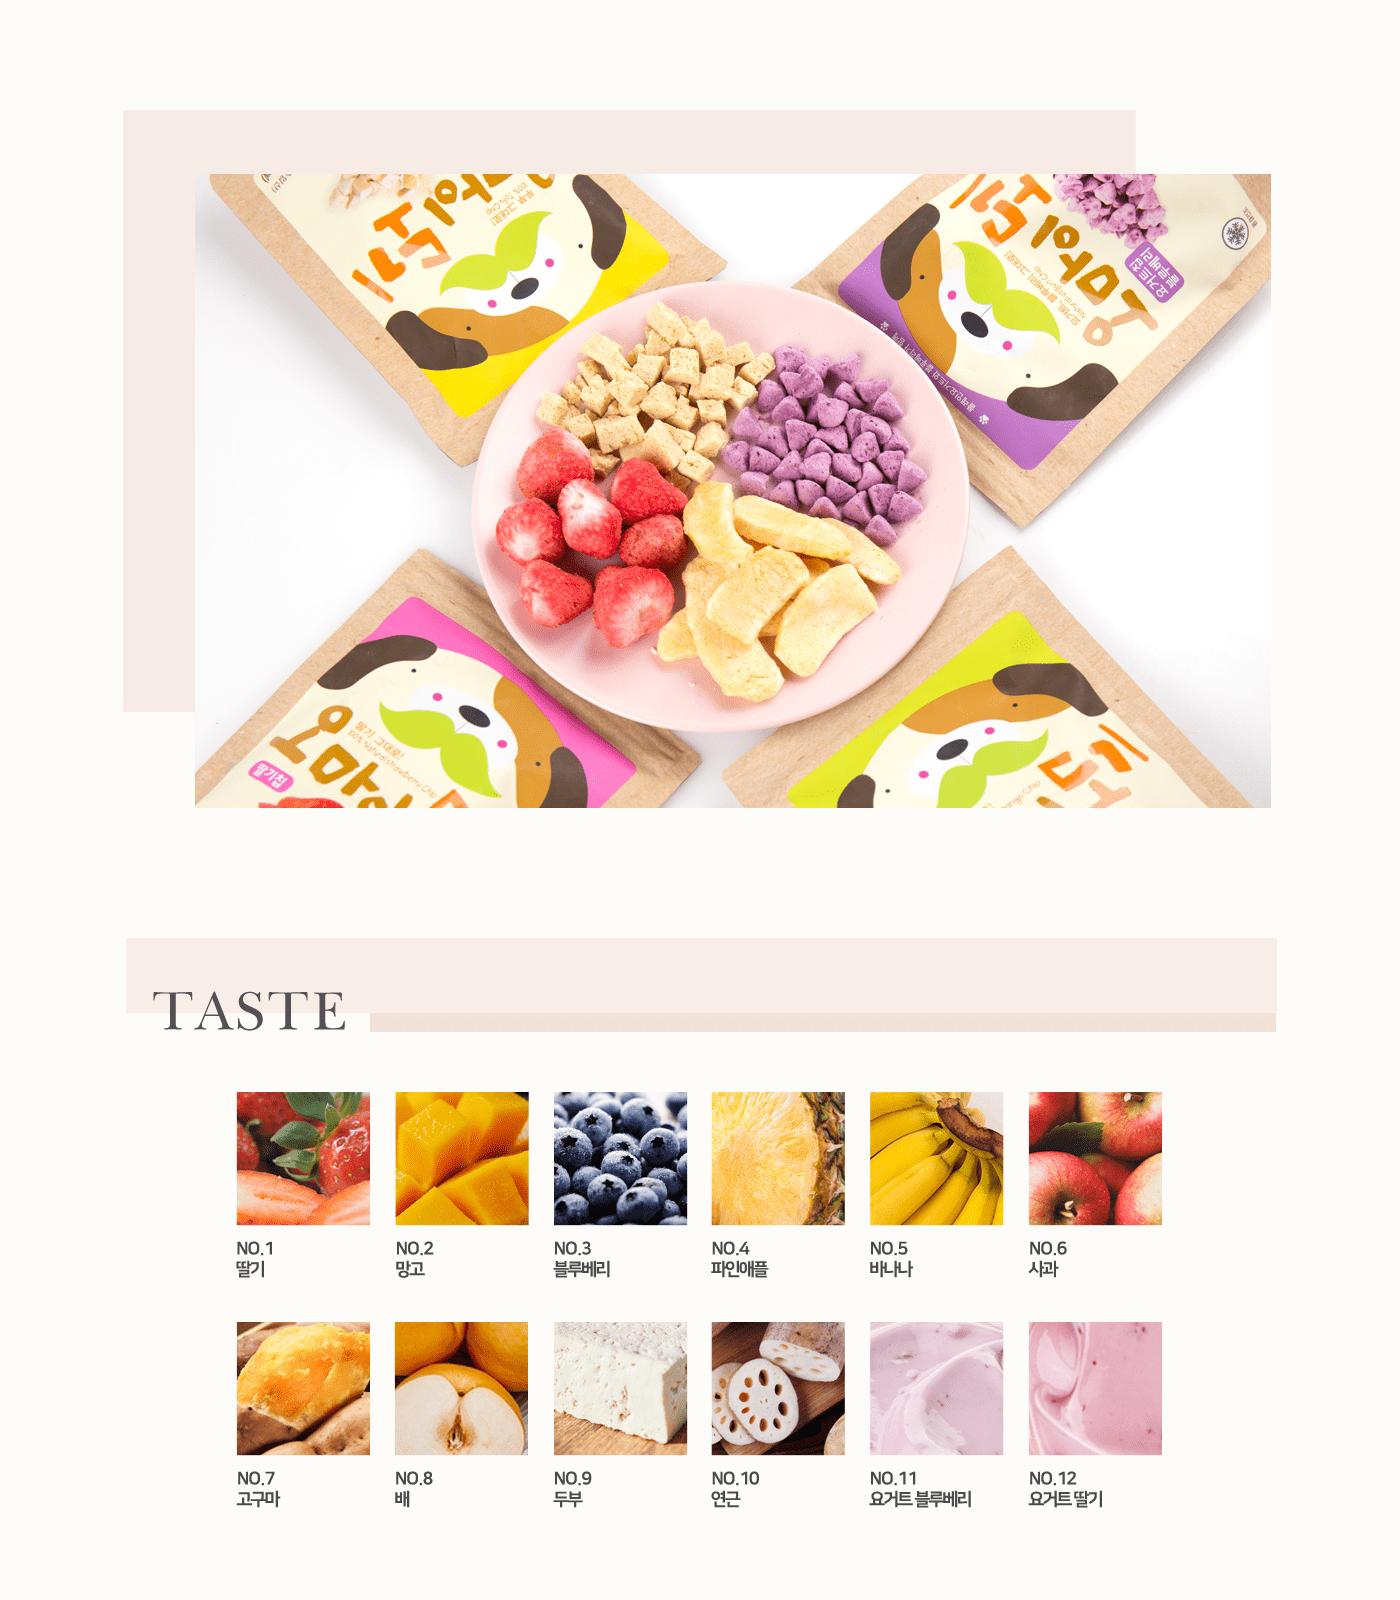 동결건조 과일 애견 간식 전체 상세이미지1